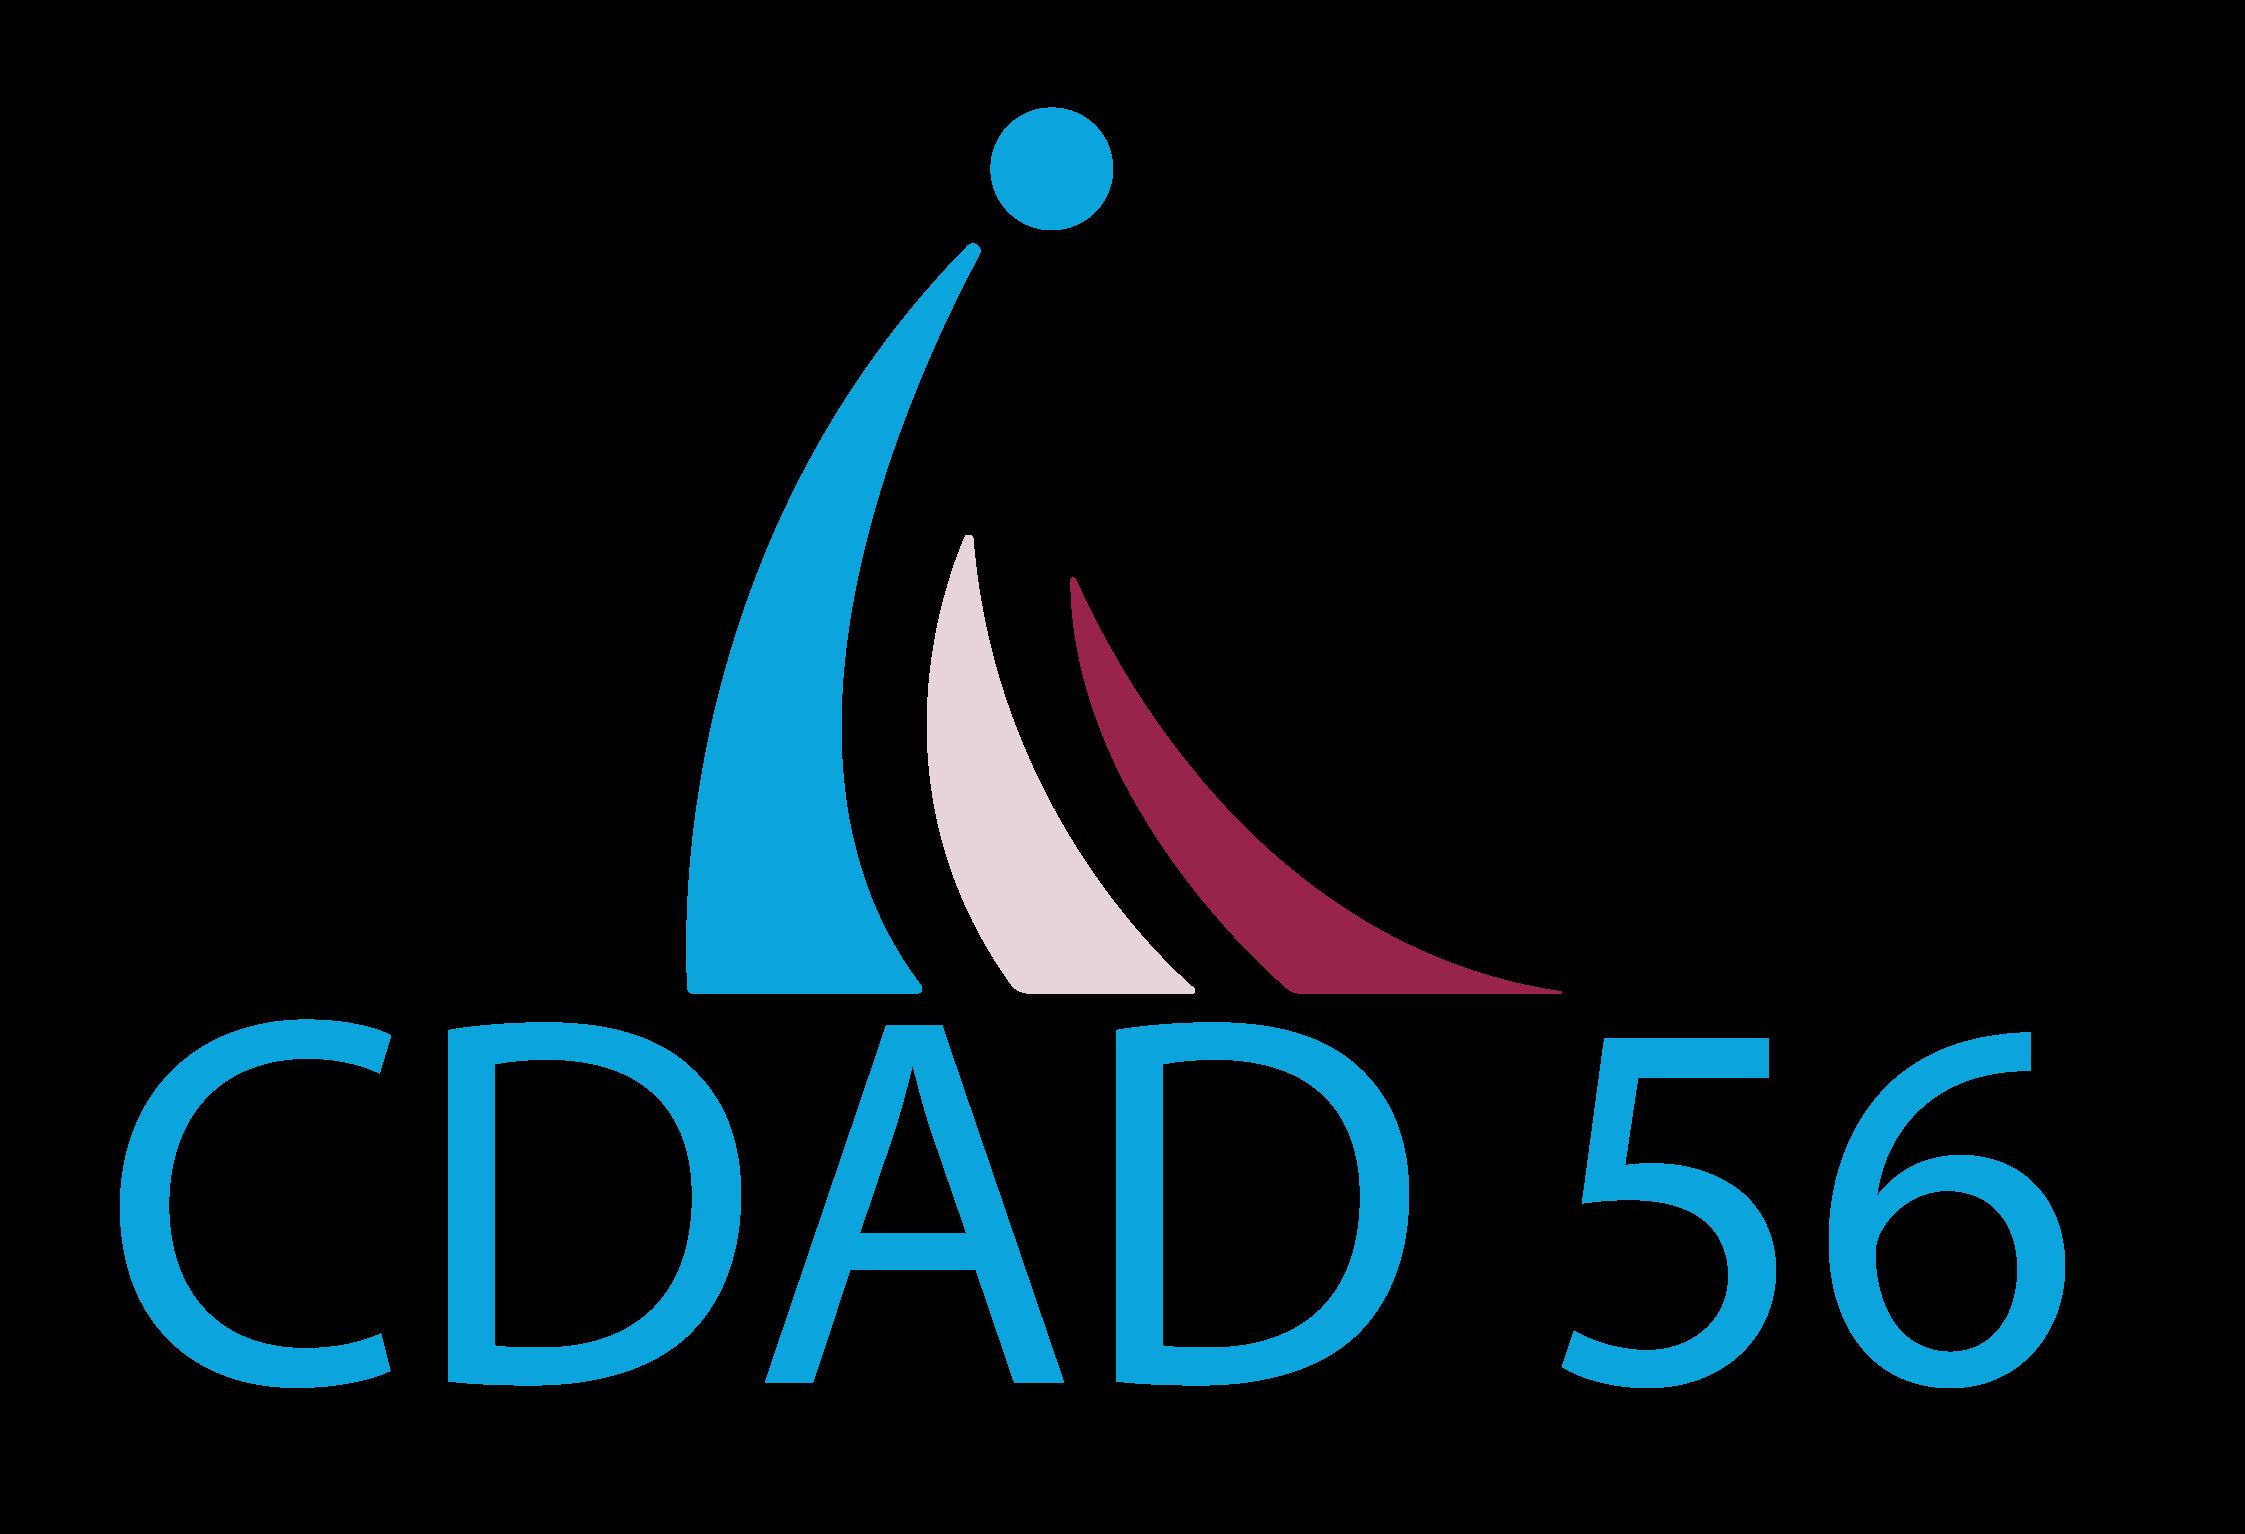 Cdad 56